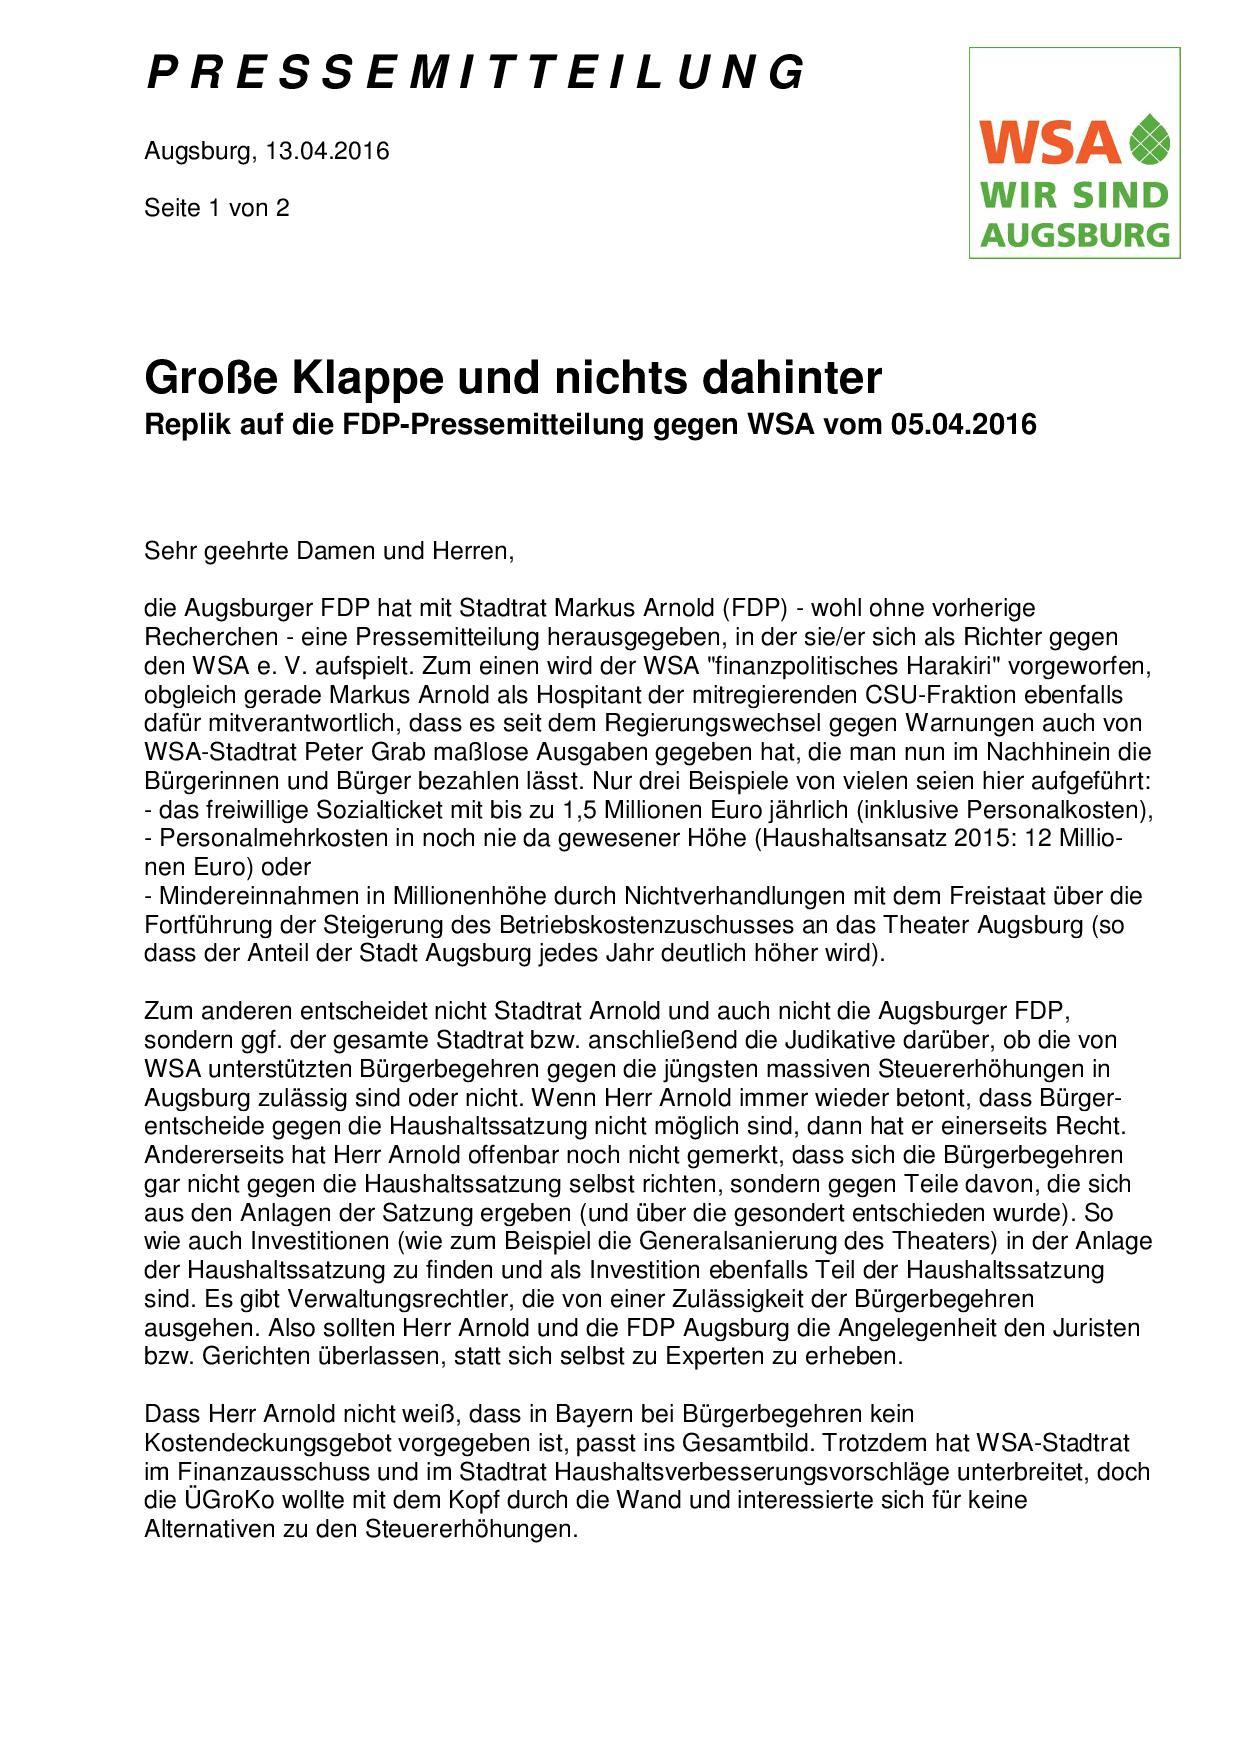 WSA-Pressemitteilung vom 13.04.2016 zur FDP-Pressemitteilung vom 05.04.2016-001